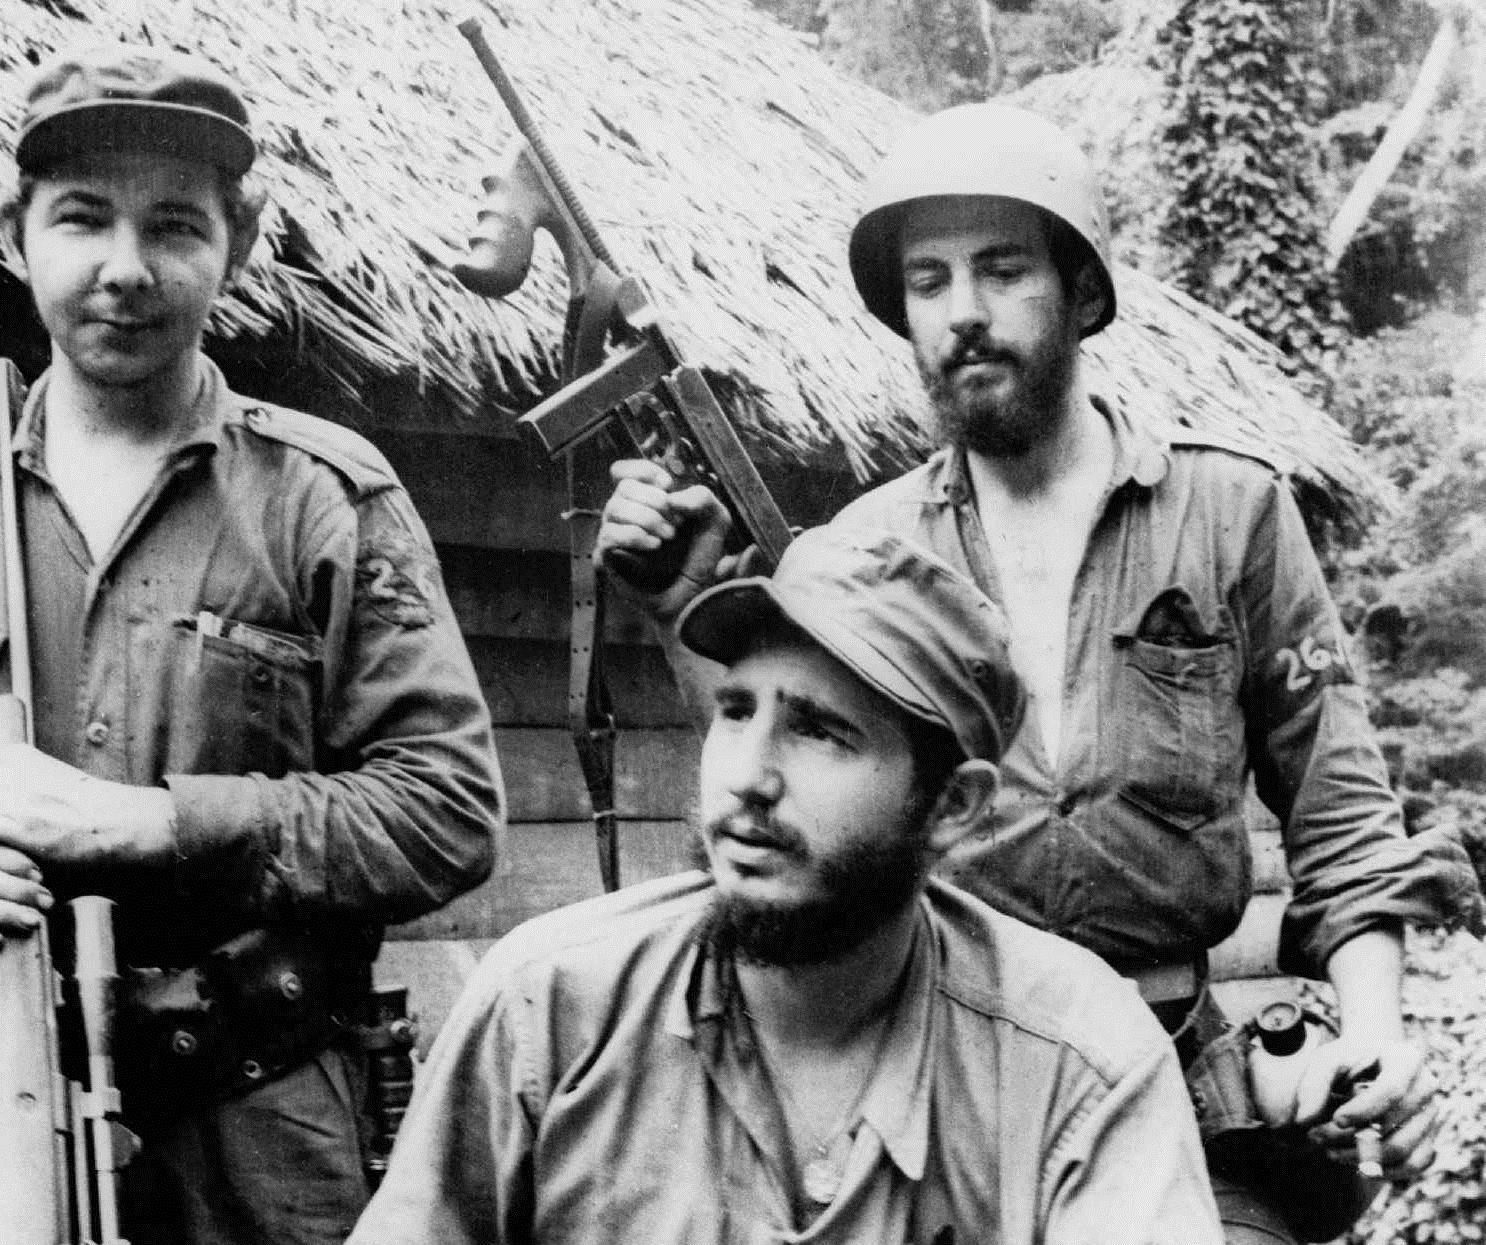 ARCHIVO - En esta foto de archivo del 14 de marzo de 1957, Fidel Castro (centro), entonces líder de la guerrilla contra la dictadura de Fulgencio Batista, aparece junto a Camilo Cienfuegos (derecha) en la Sierra Maestra. El presidente Raúl Castro anunció la muerte de su hermano Fidel el viernes 25 de noviembre de 2016 (AP Foto/Andrew St. George, archivo)